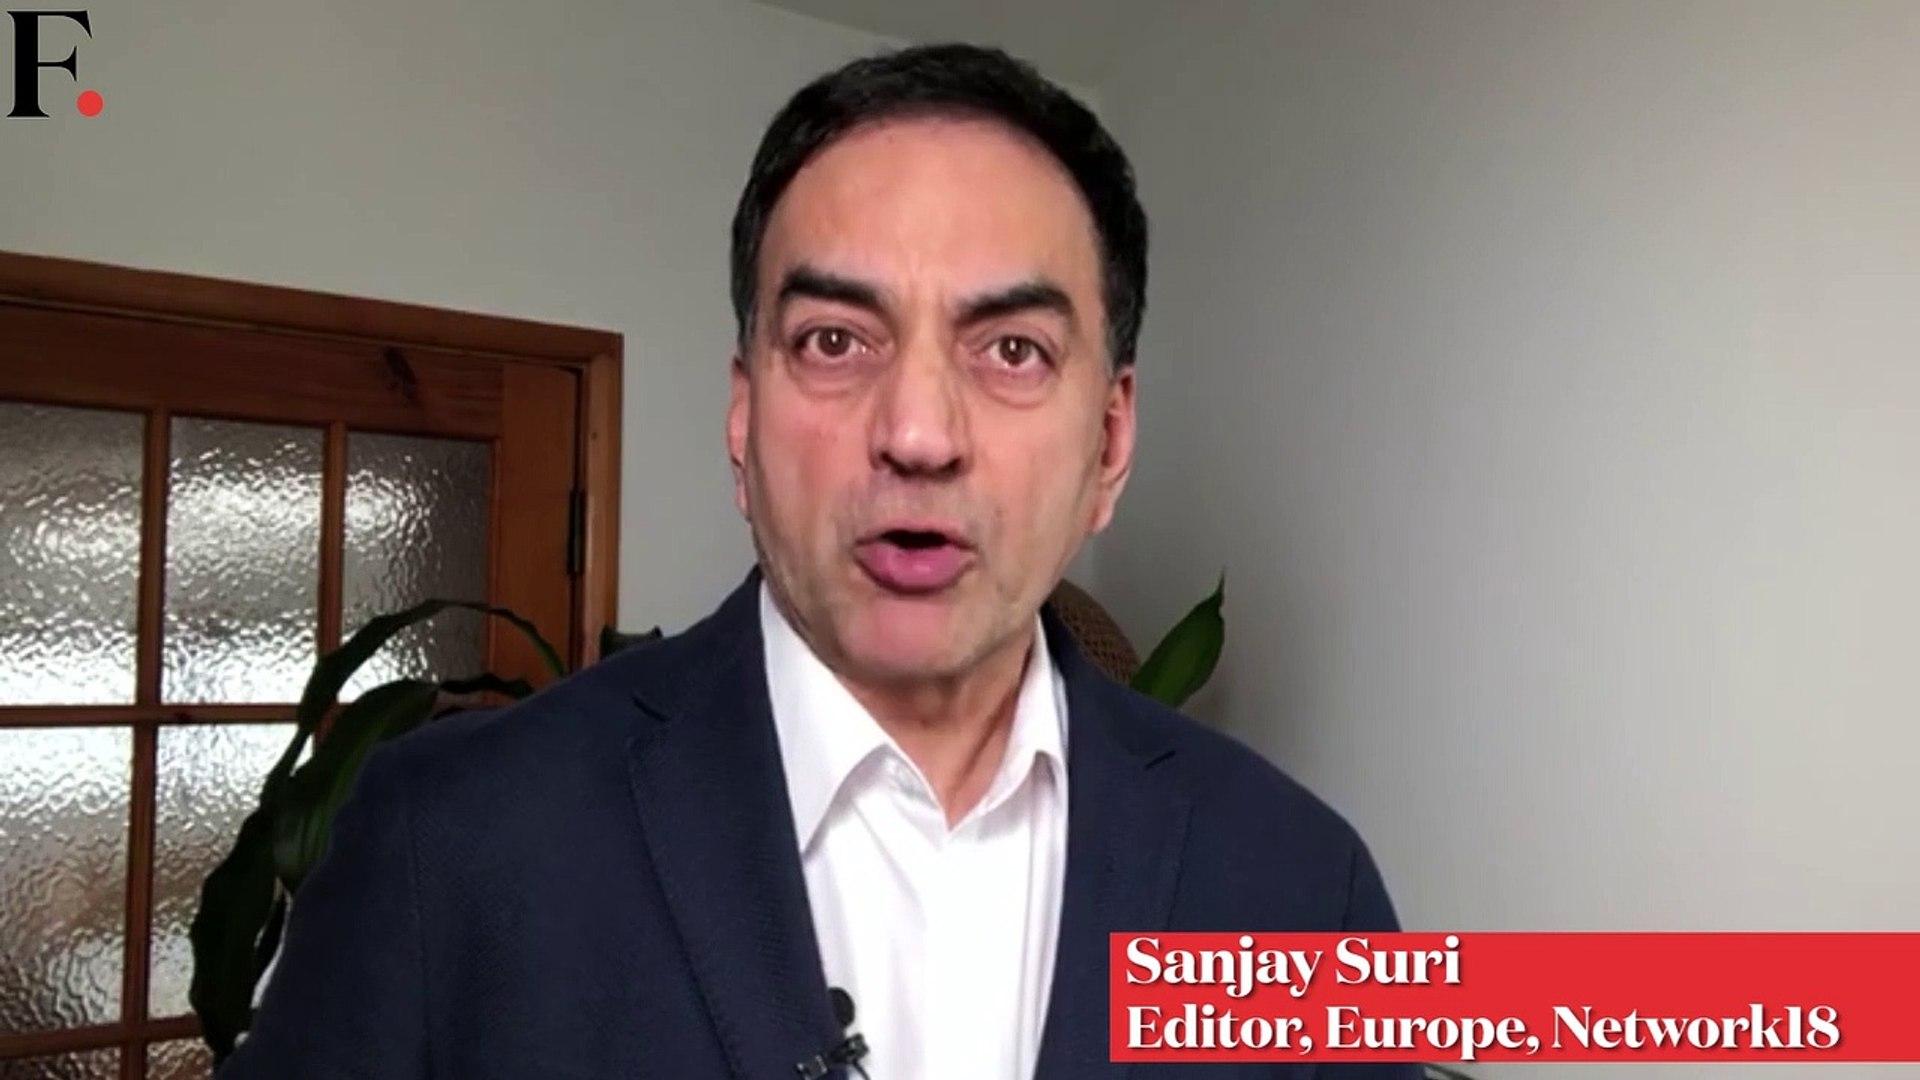 sanjay suri in raazi